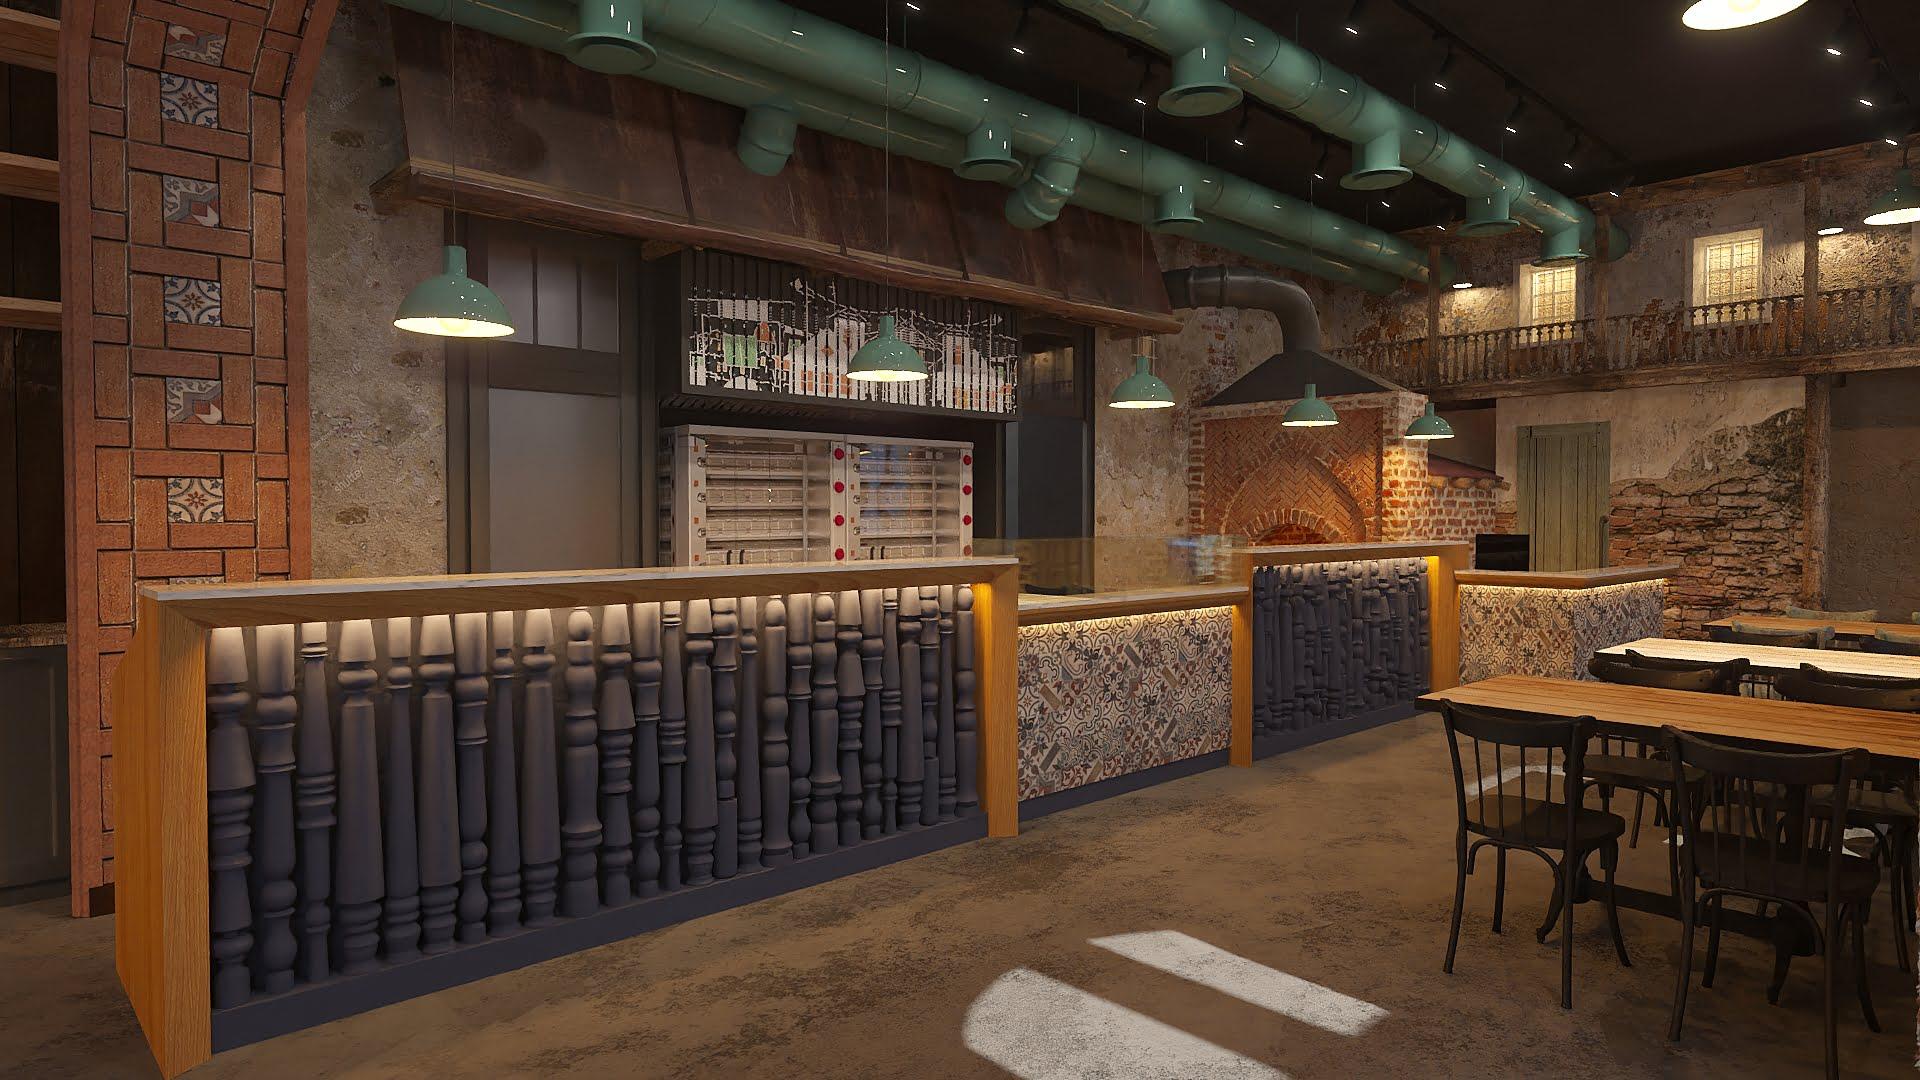 izobrazheniye 3d oformleniya i otdelki inter'yera gril' i bar zon v restorane KTUR